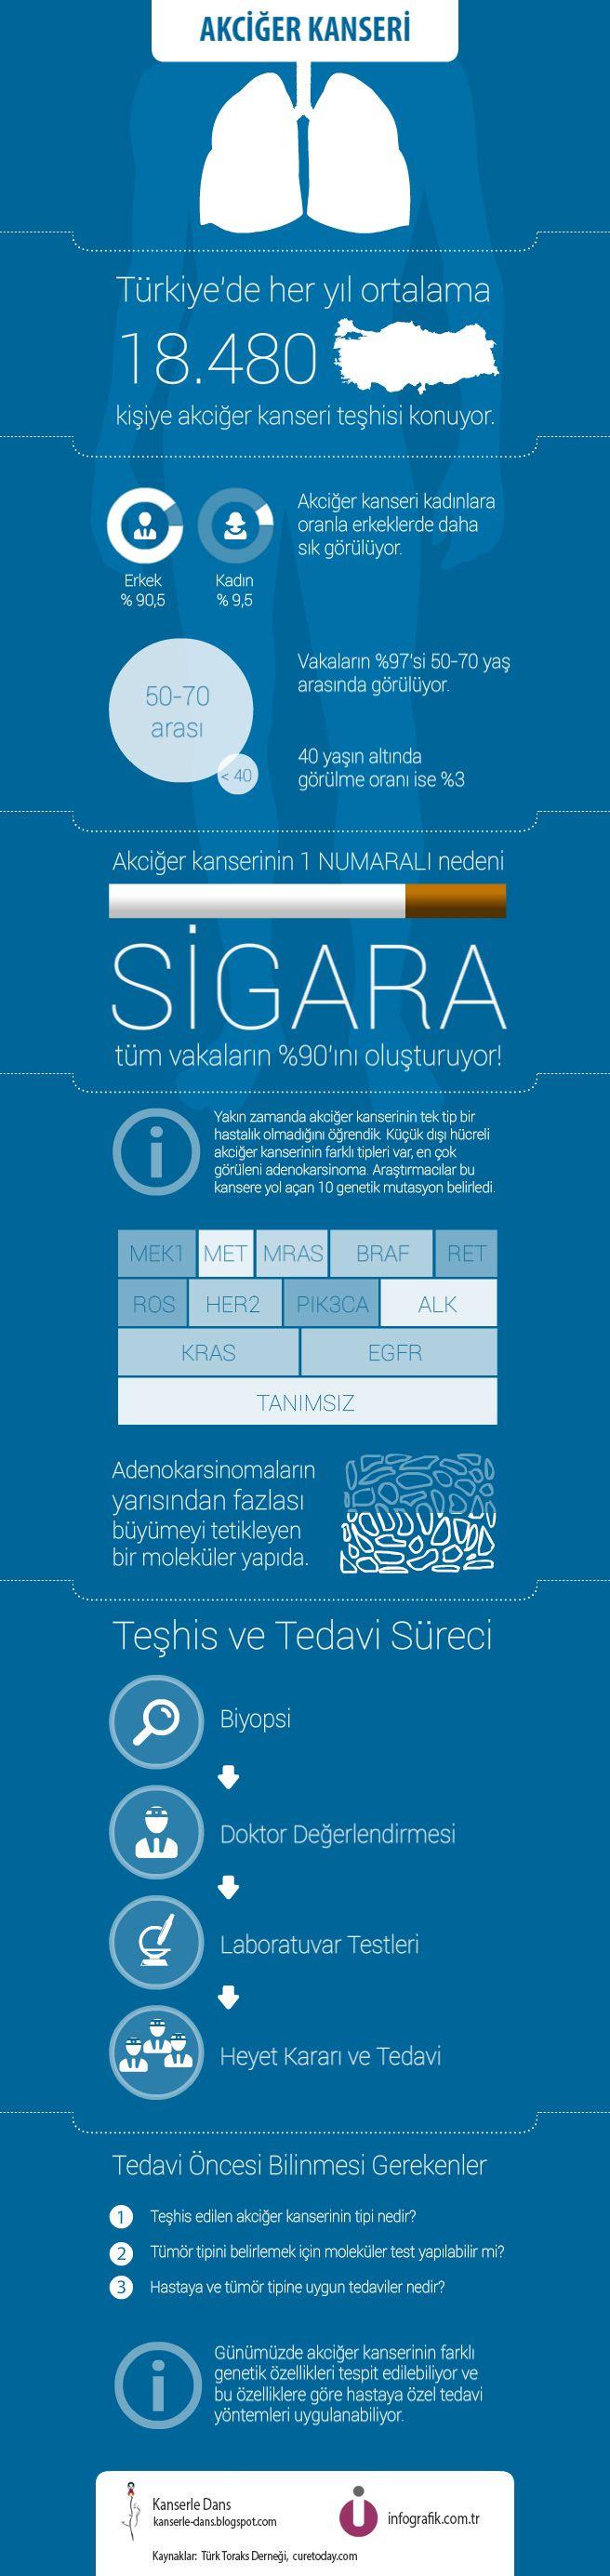 Akciğer Kanseri Hakkında #infografik